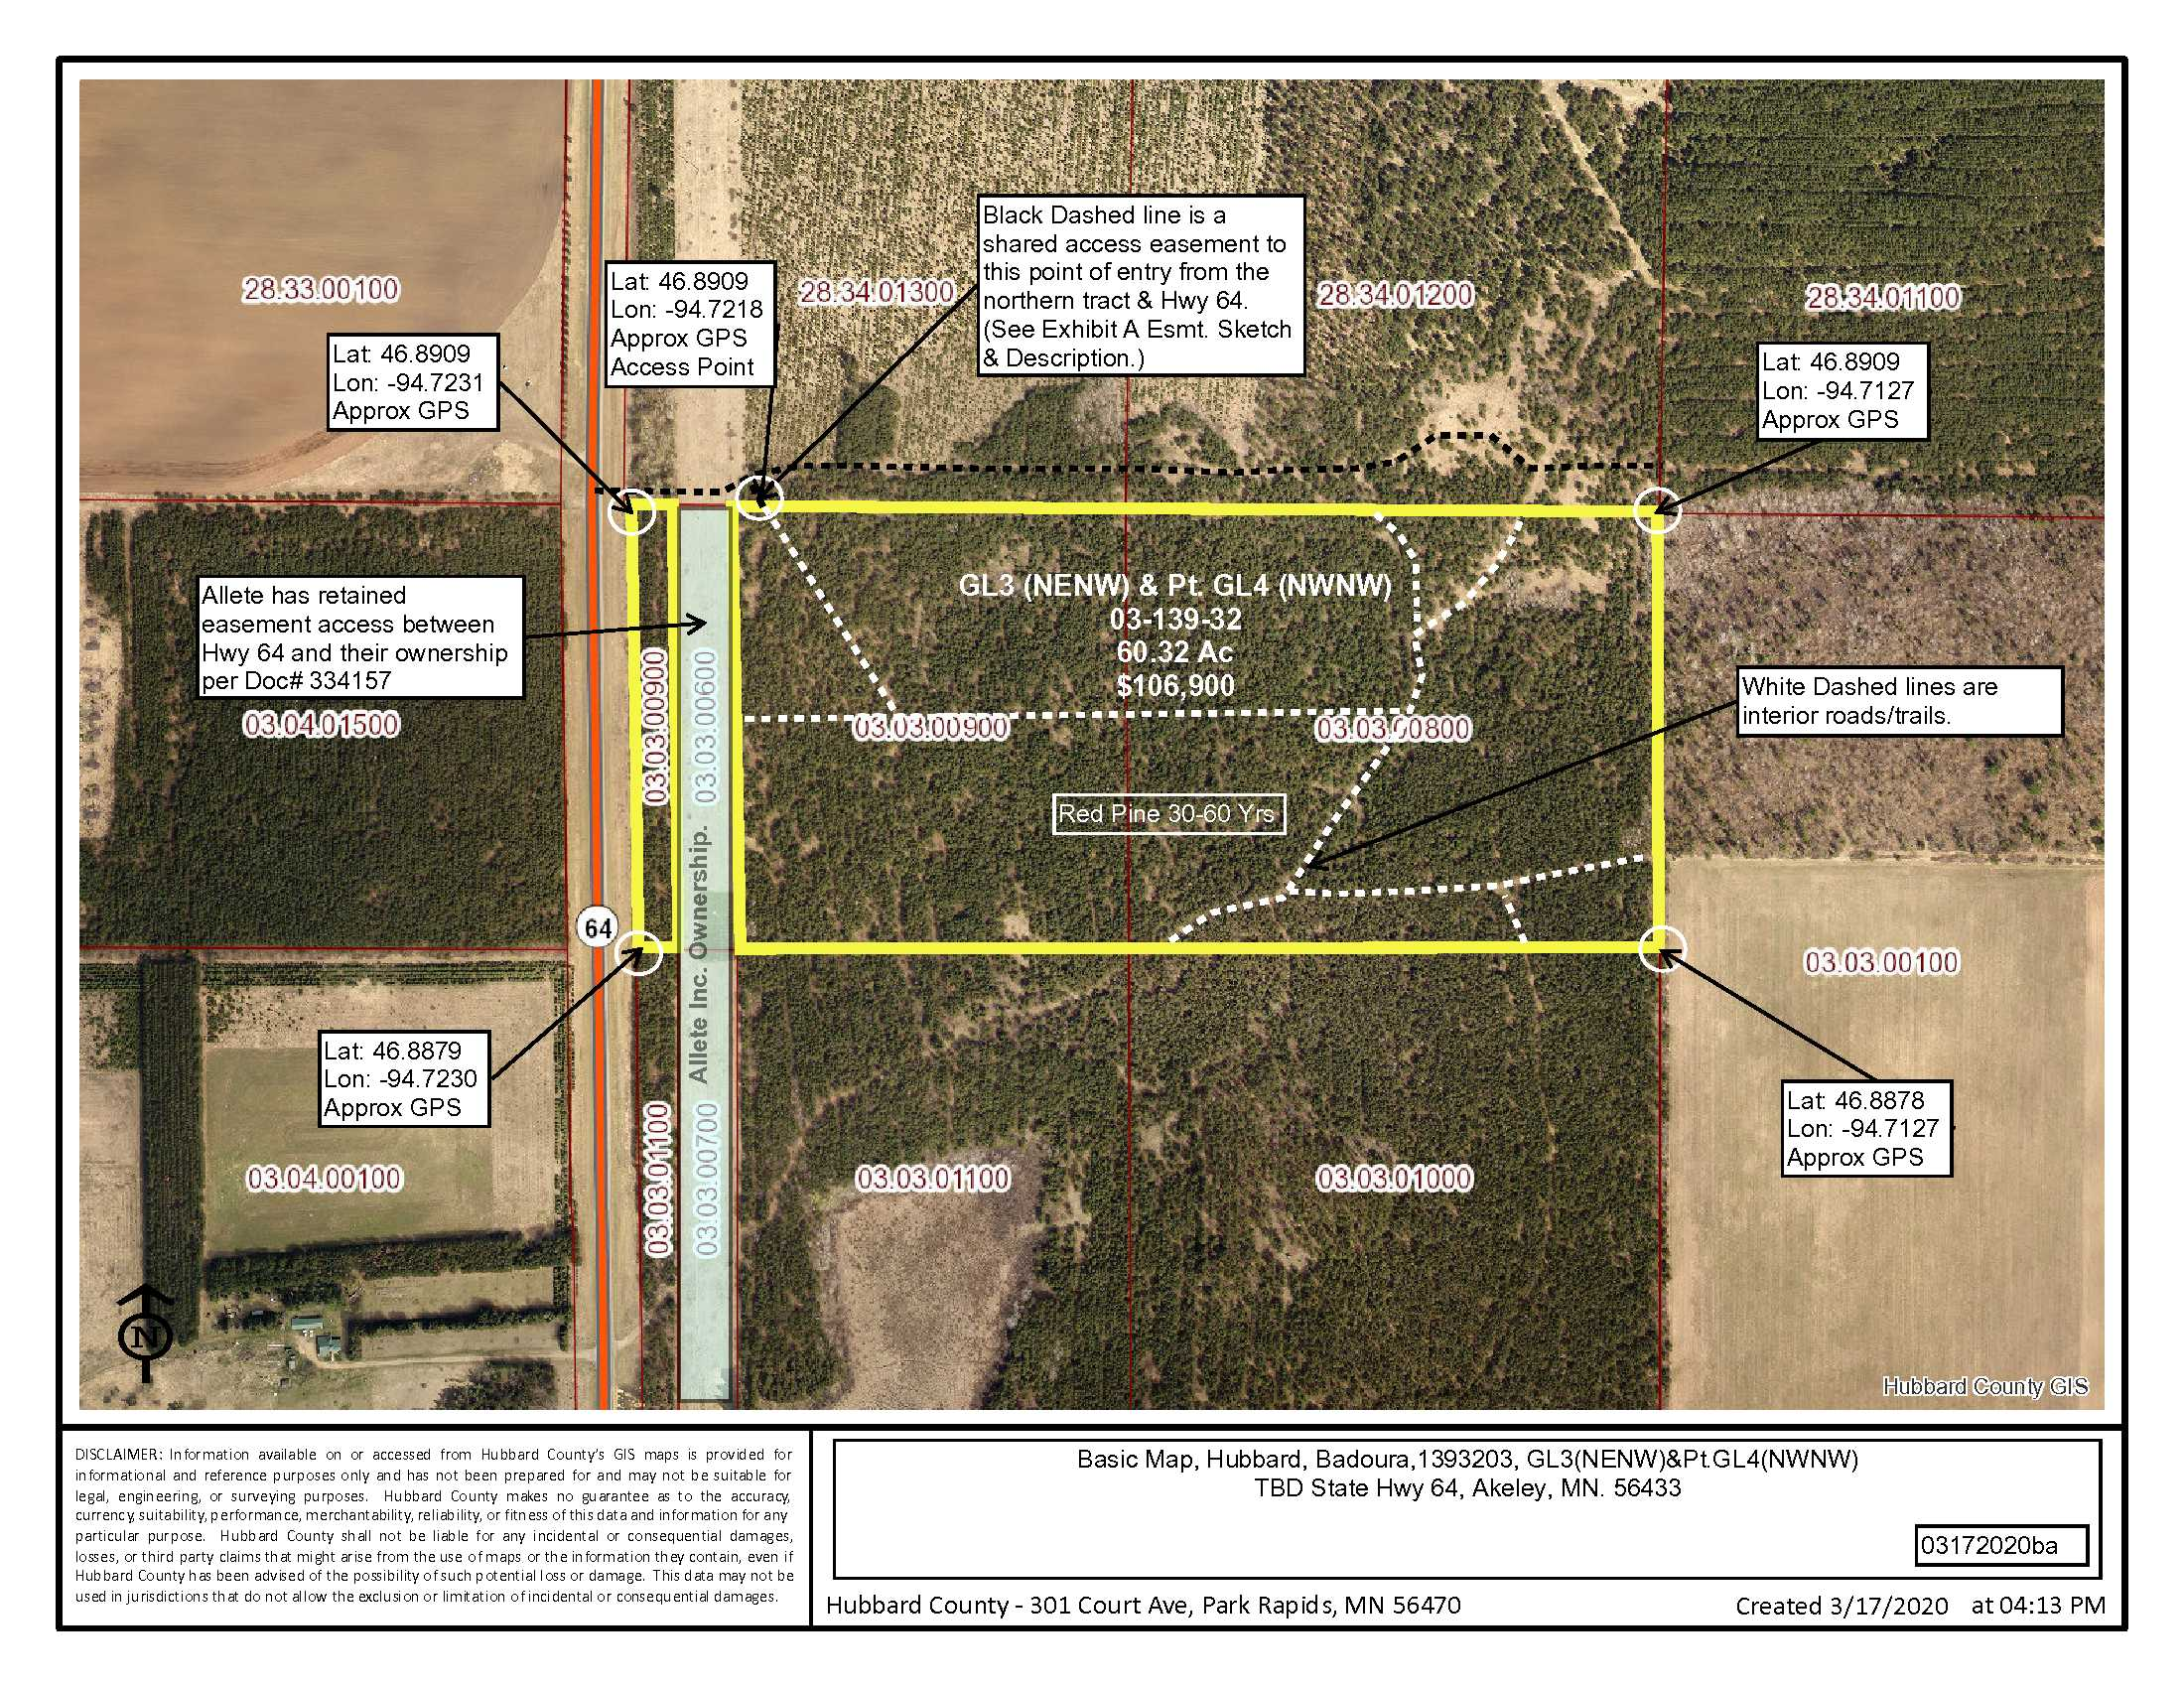 GL3(NENW) & Pt GL4(NWNW), State Hwy #64, Baduora, Akeley, Hubbard